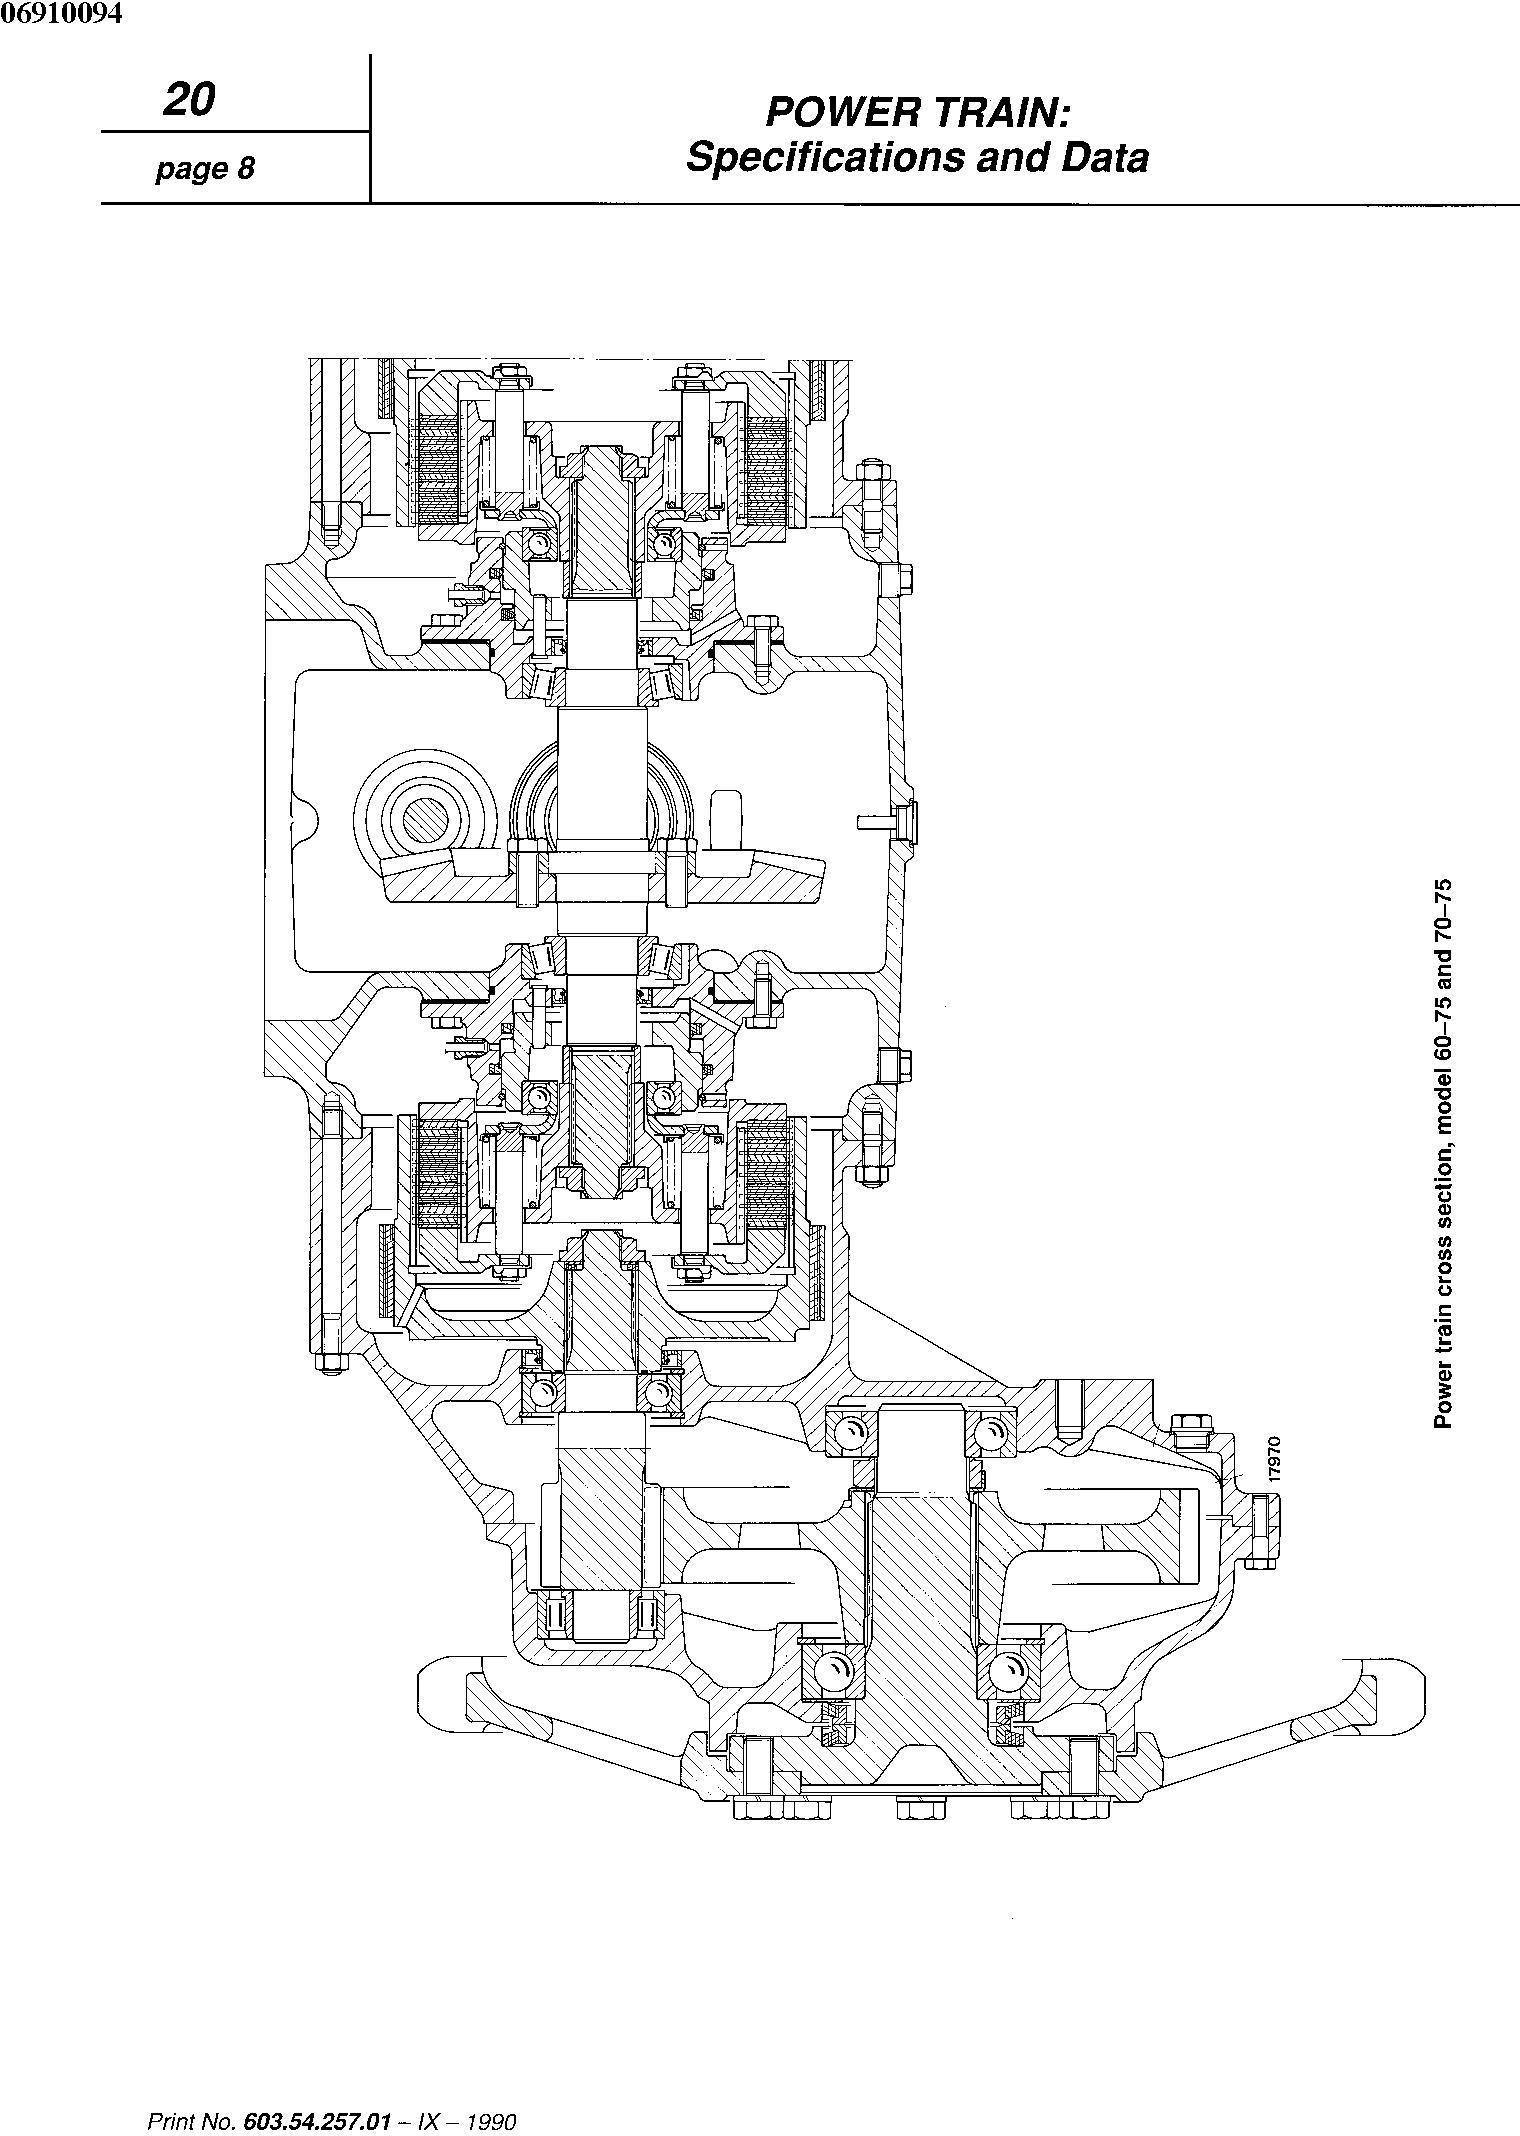 Fiat 55-65,60-65,70-65,80-65, 55-75,60-75,70-75,80-75, 465C, 555C, 665C, 765C Tractor Service Manual - 2